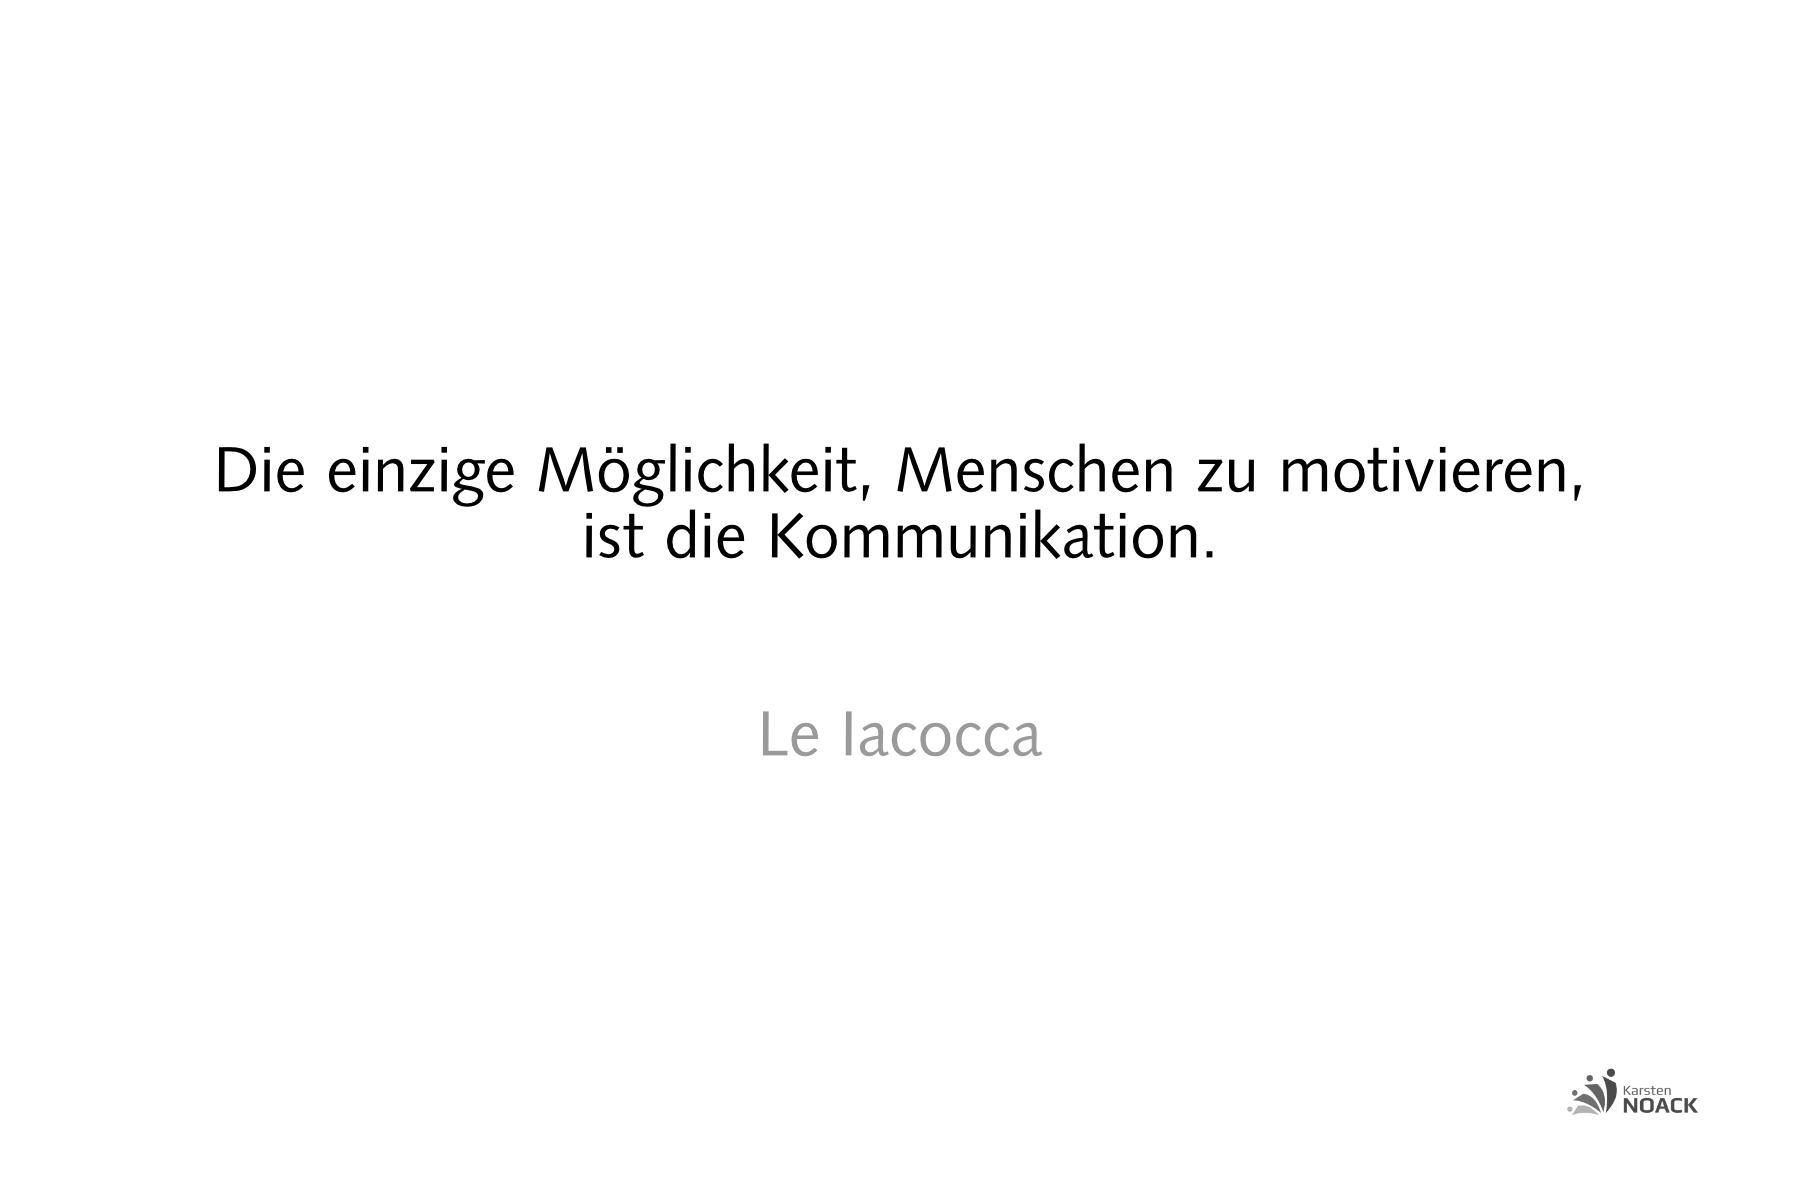 Die einzige Möglichkeit, Menschen zu motivieren, ist die Kommunikation. Lee Iacocca